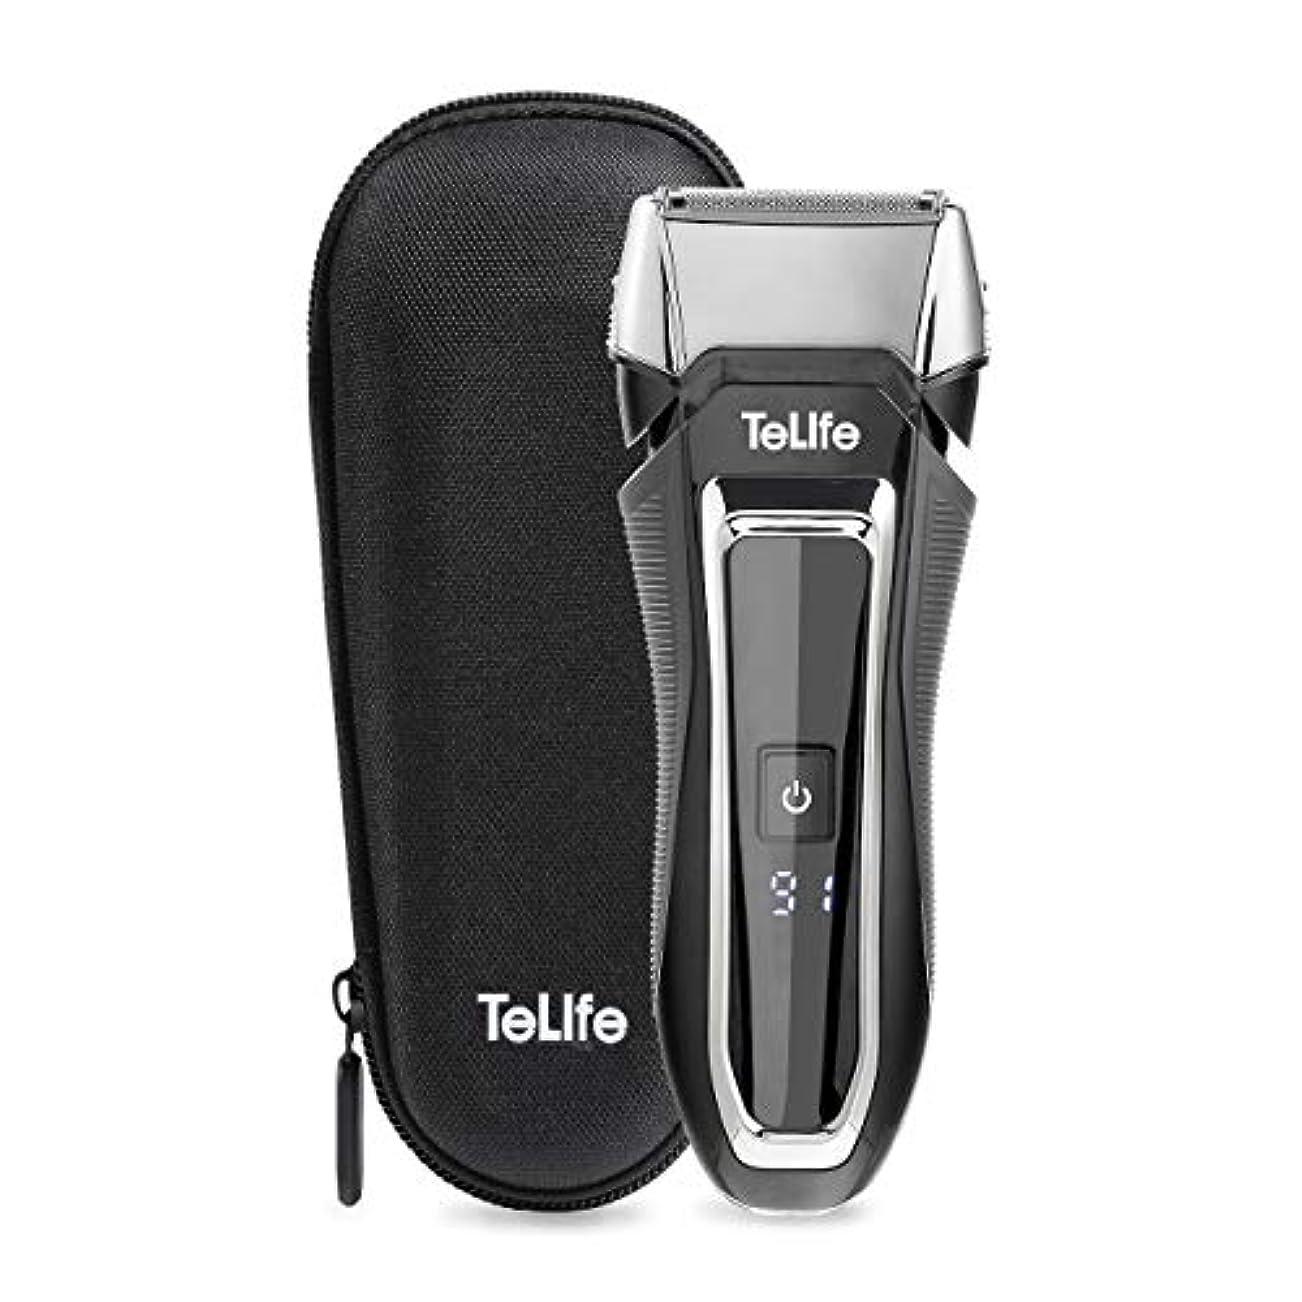 スリップゴミ箱を空にする海峡TeLife ひげそり 電動 メンズシェーバー 往復式 シェーバー 3枚刃 髭剃り 水洗い/お風呂剃り可 急速充電 電気シェーバー (ブラック)